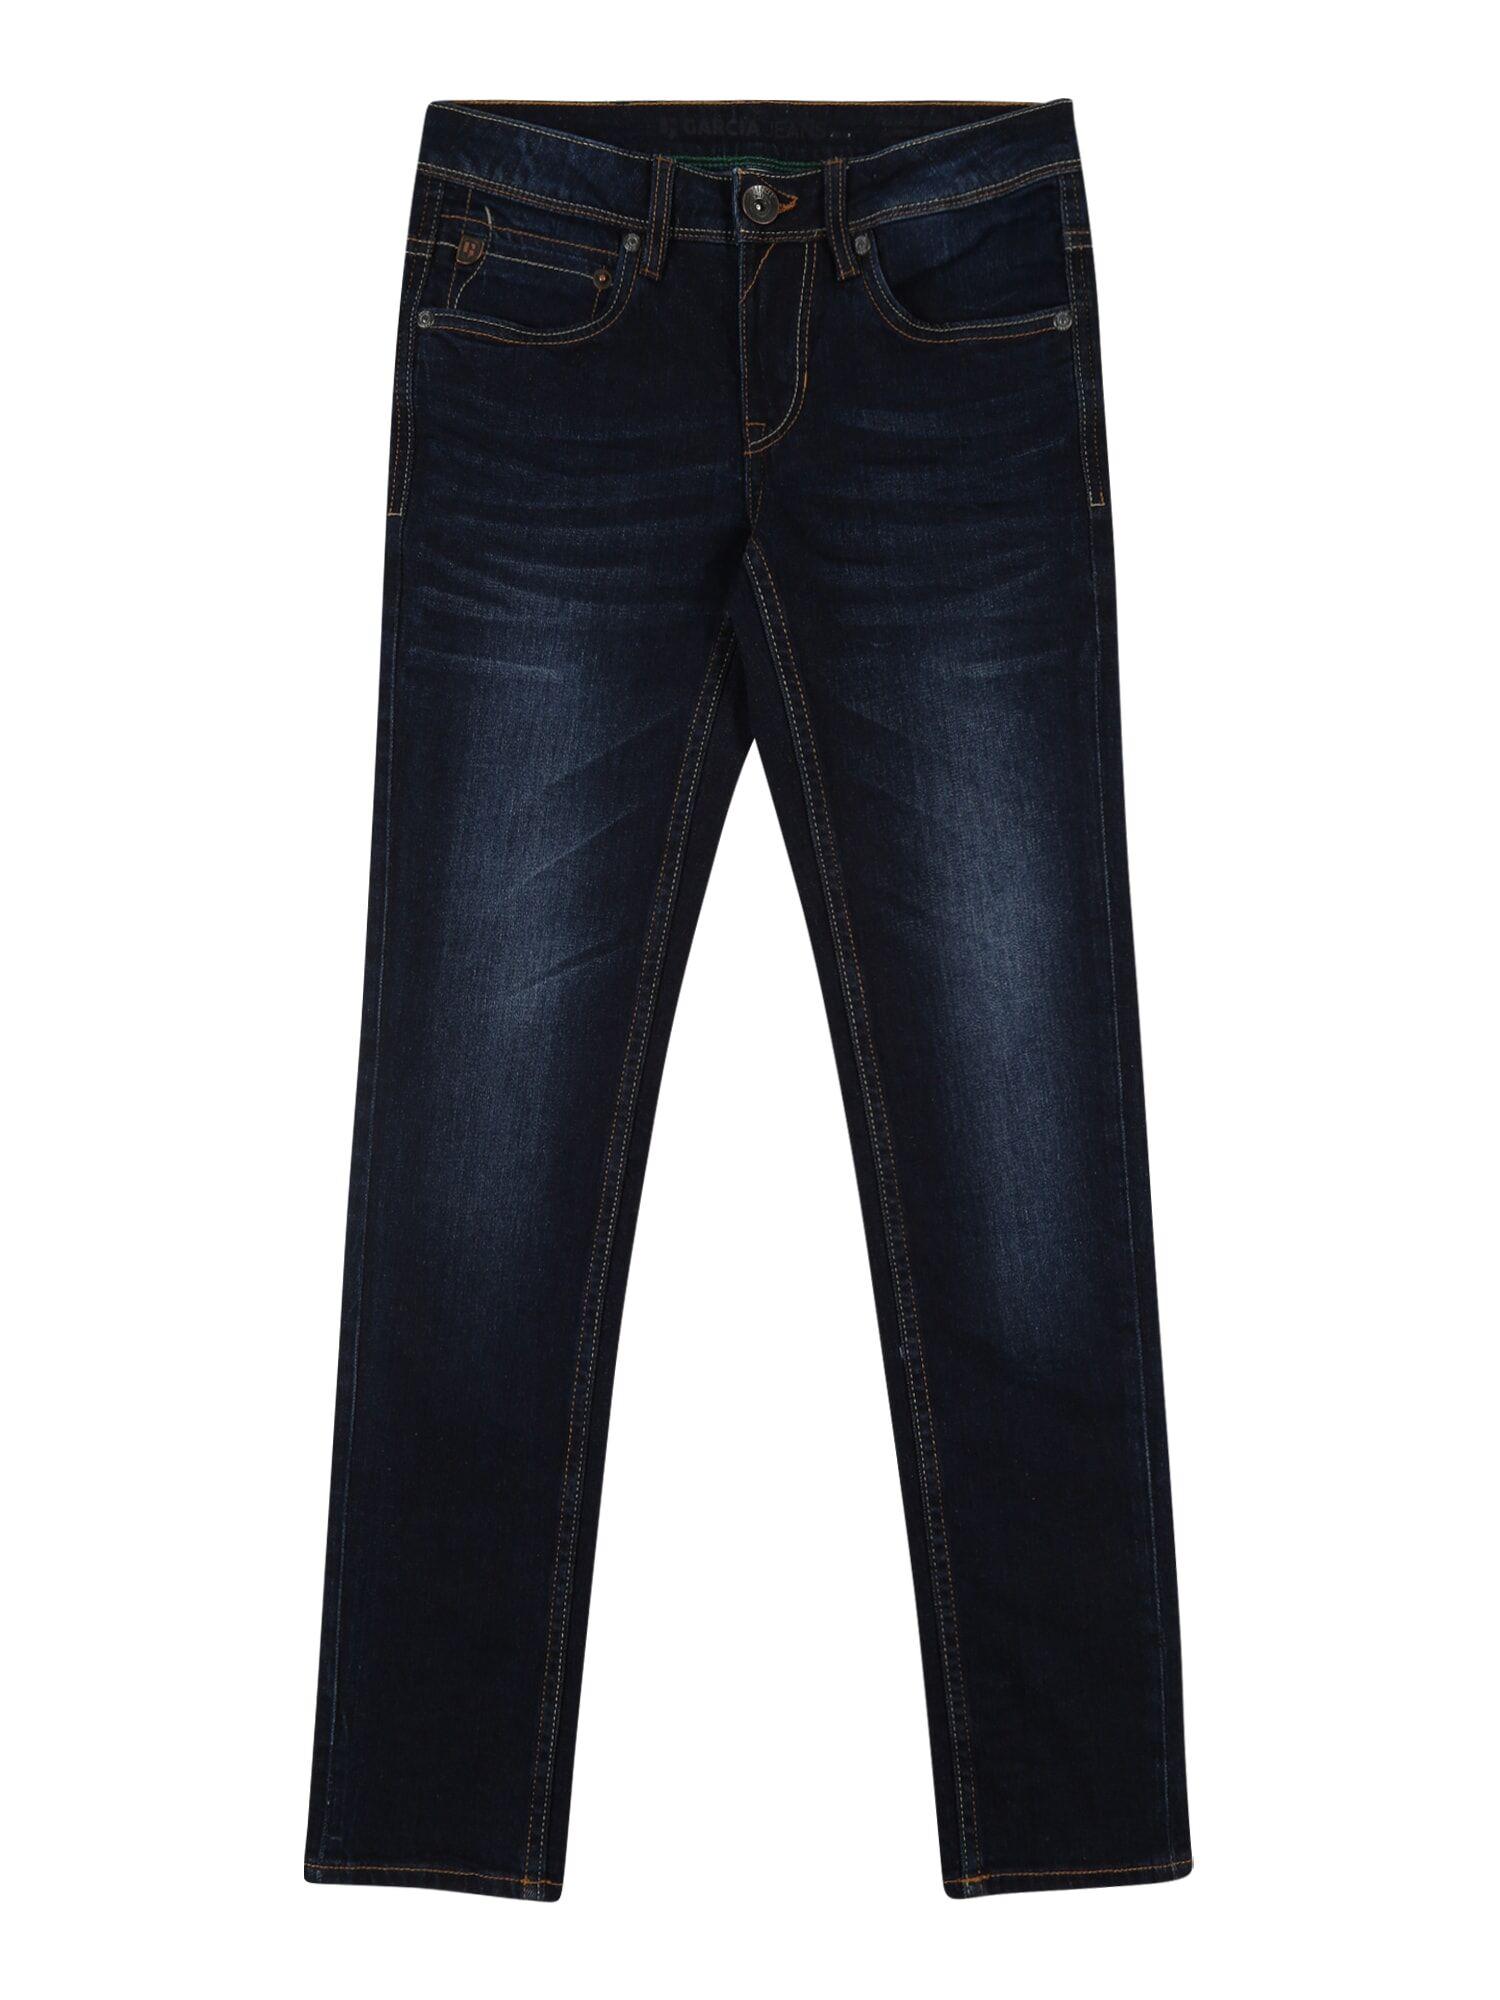 GARCIA Jean 'Xandro'  - Bleu - Taille: 140 - boy